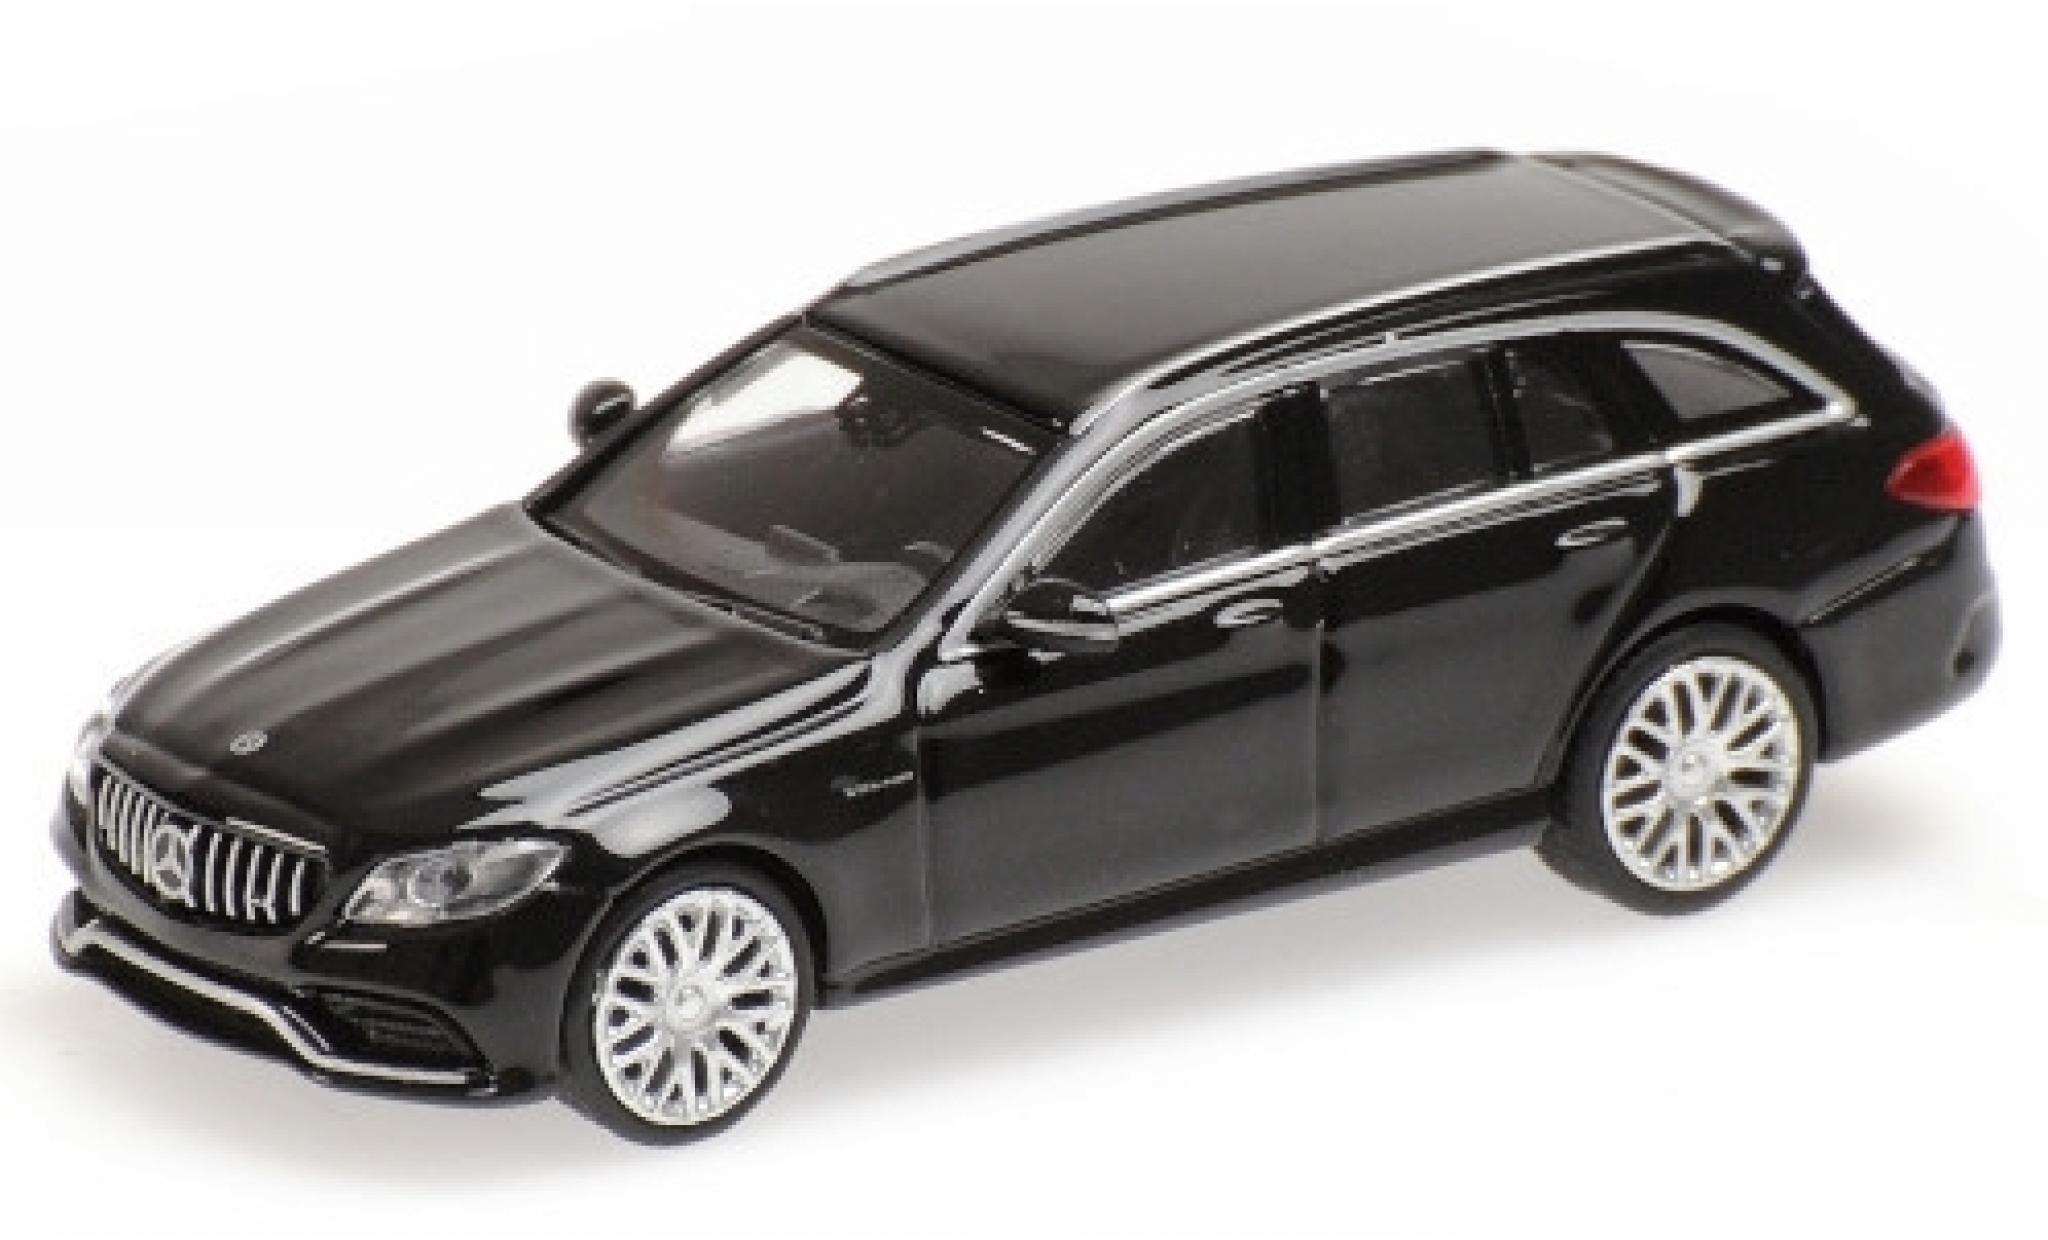 Mercedes Classe C 1/87 Minichamps AMG C63 T-Modell (S205) metallise noire 2019